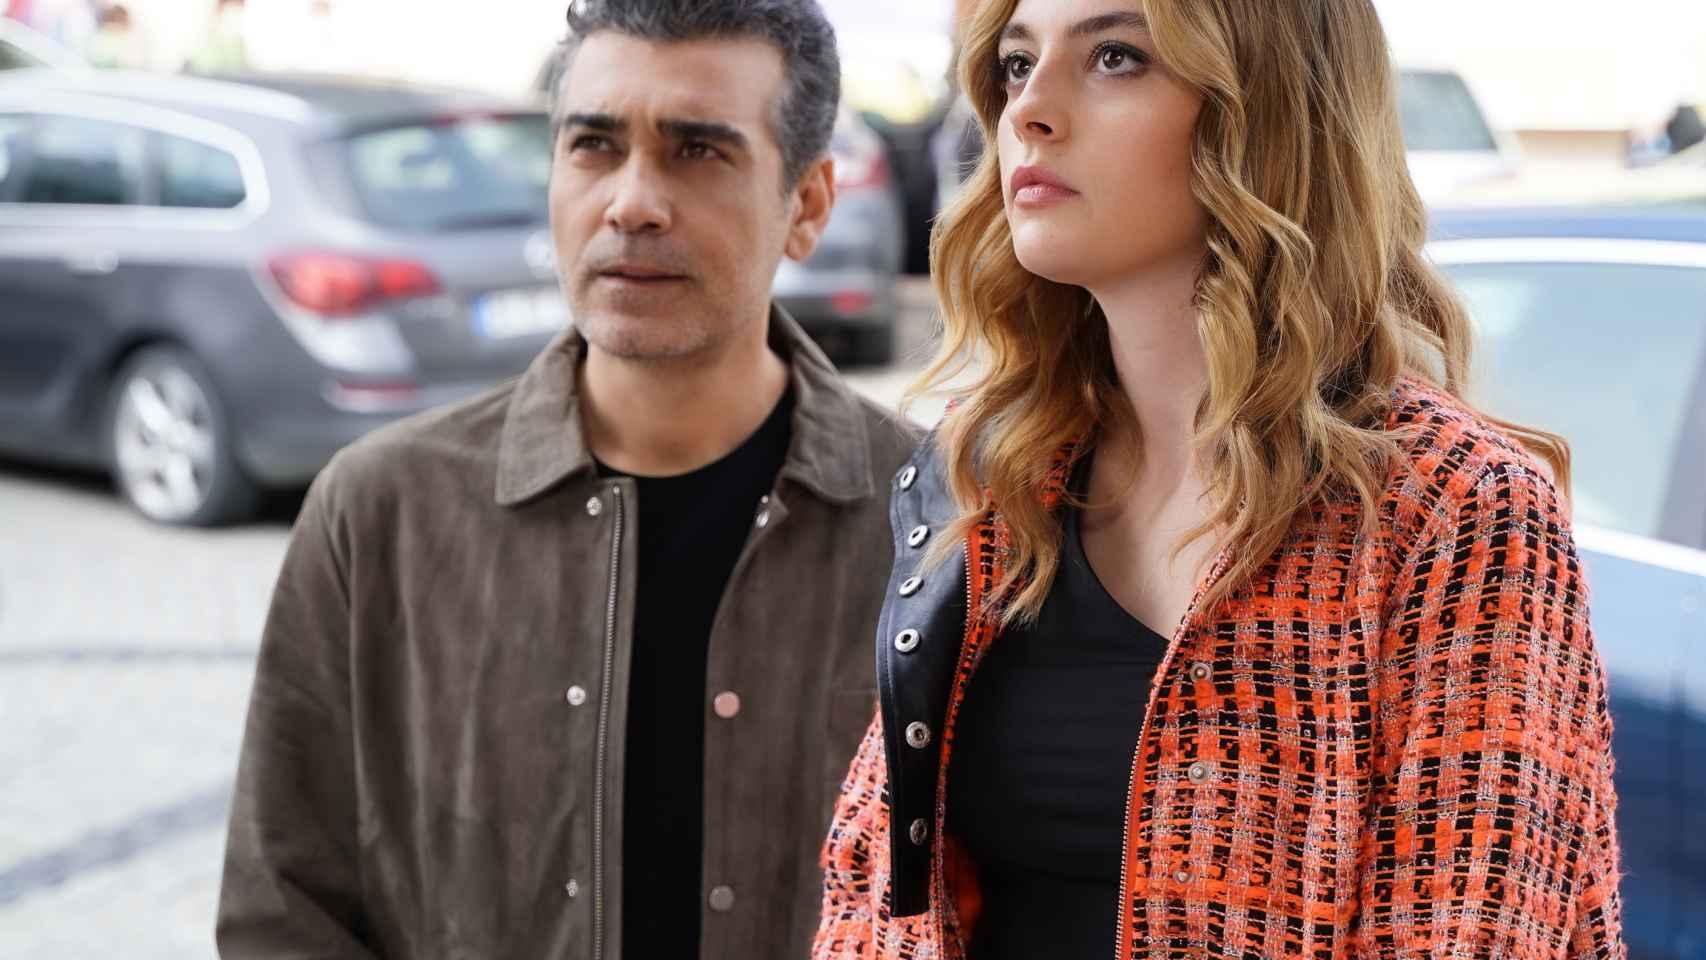 Avance en fotos del nuevo capítulo de 'Infiel' que Antena 3 emite este domingo 3 de octubre